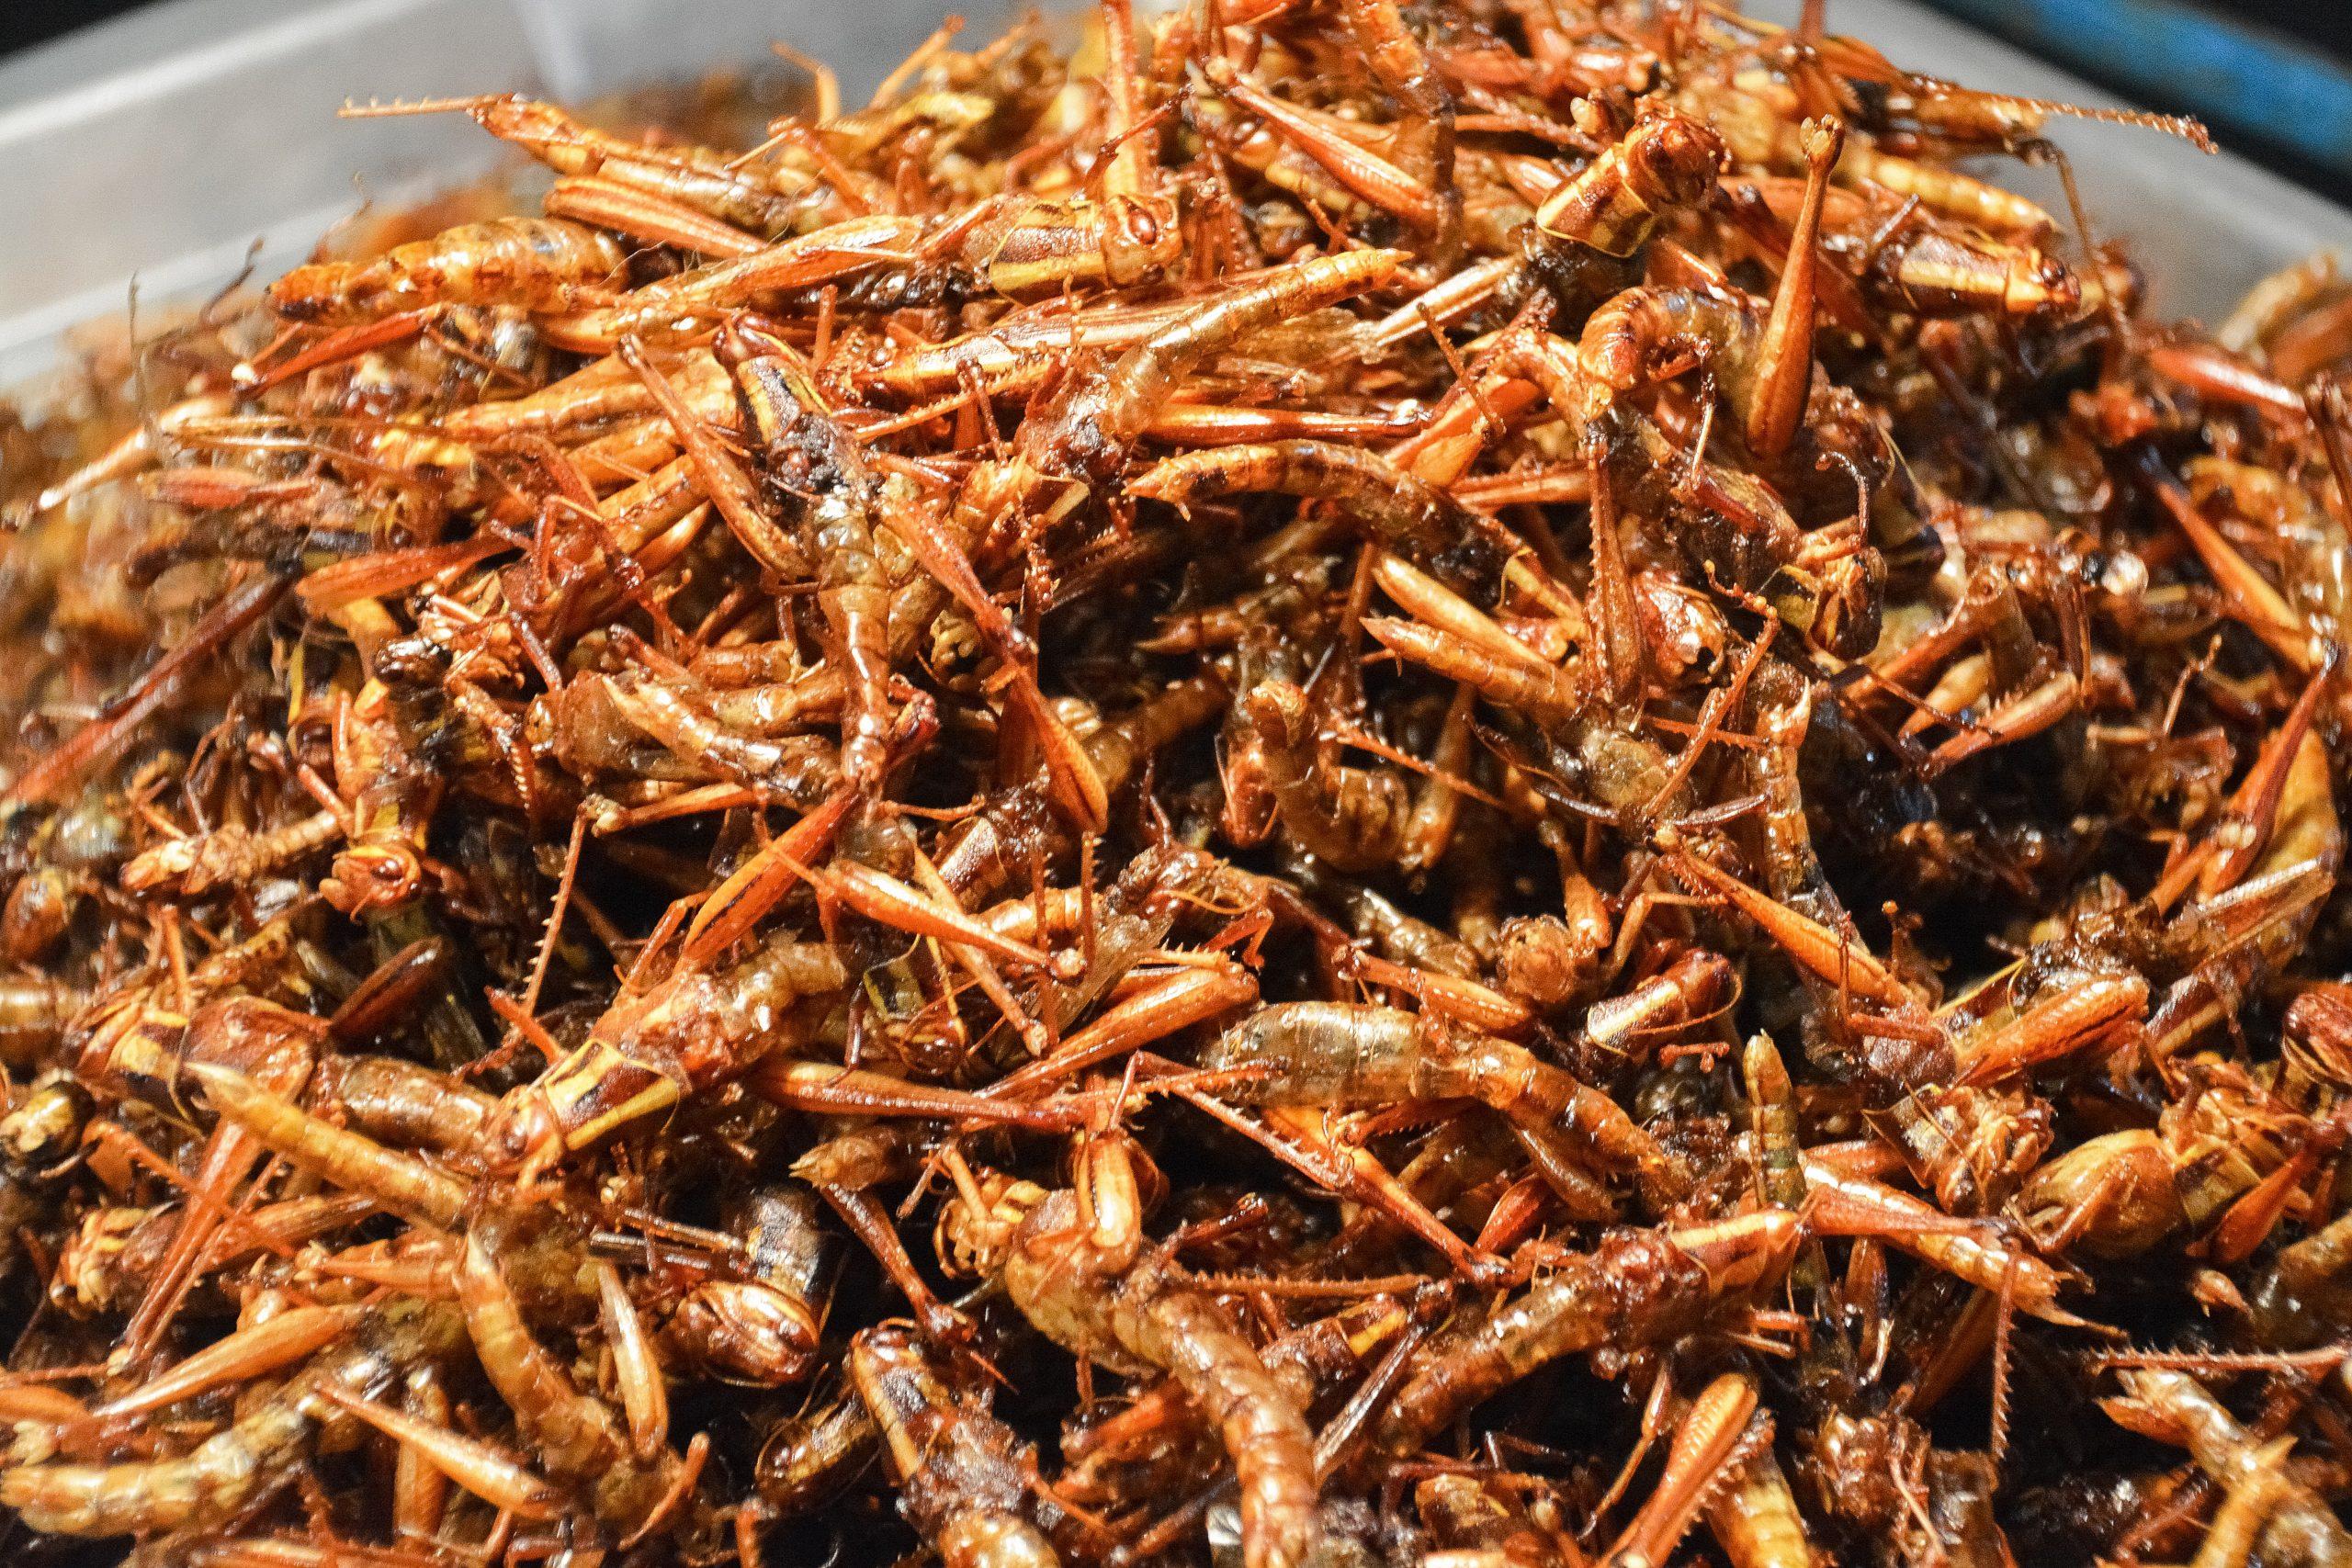 Mangeremo insetti parte 2